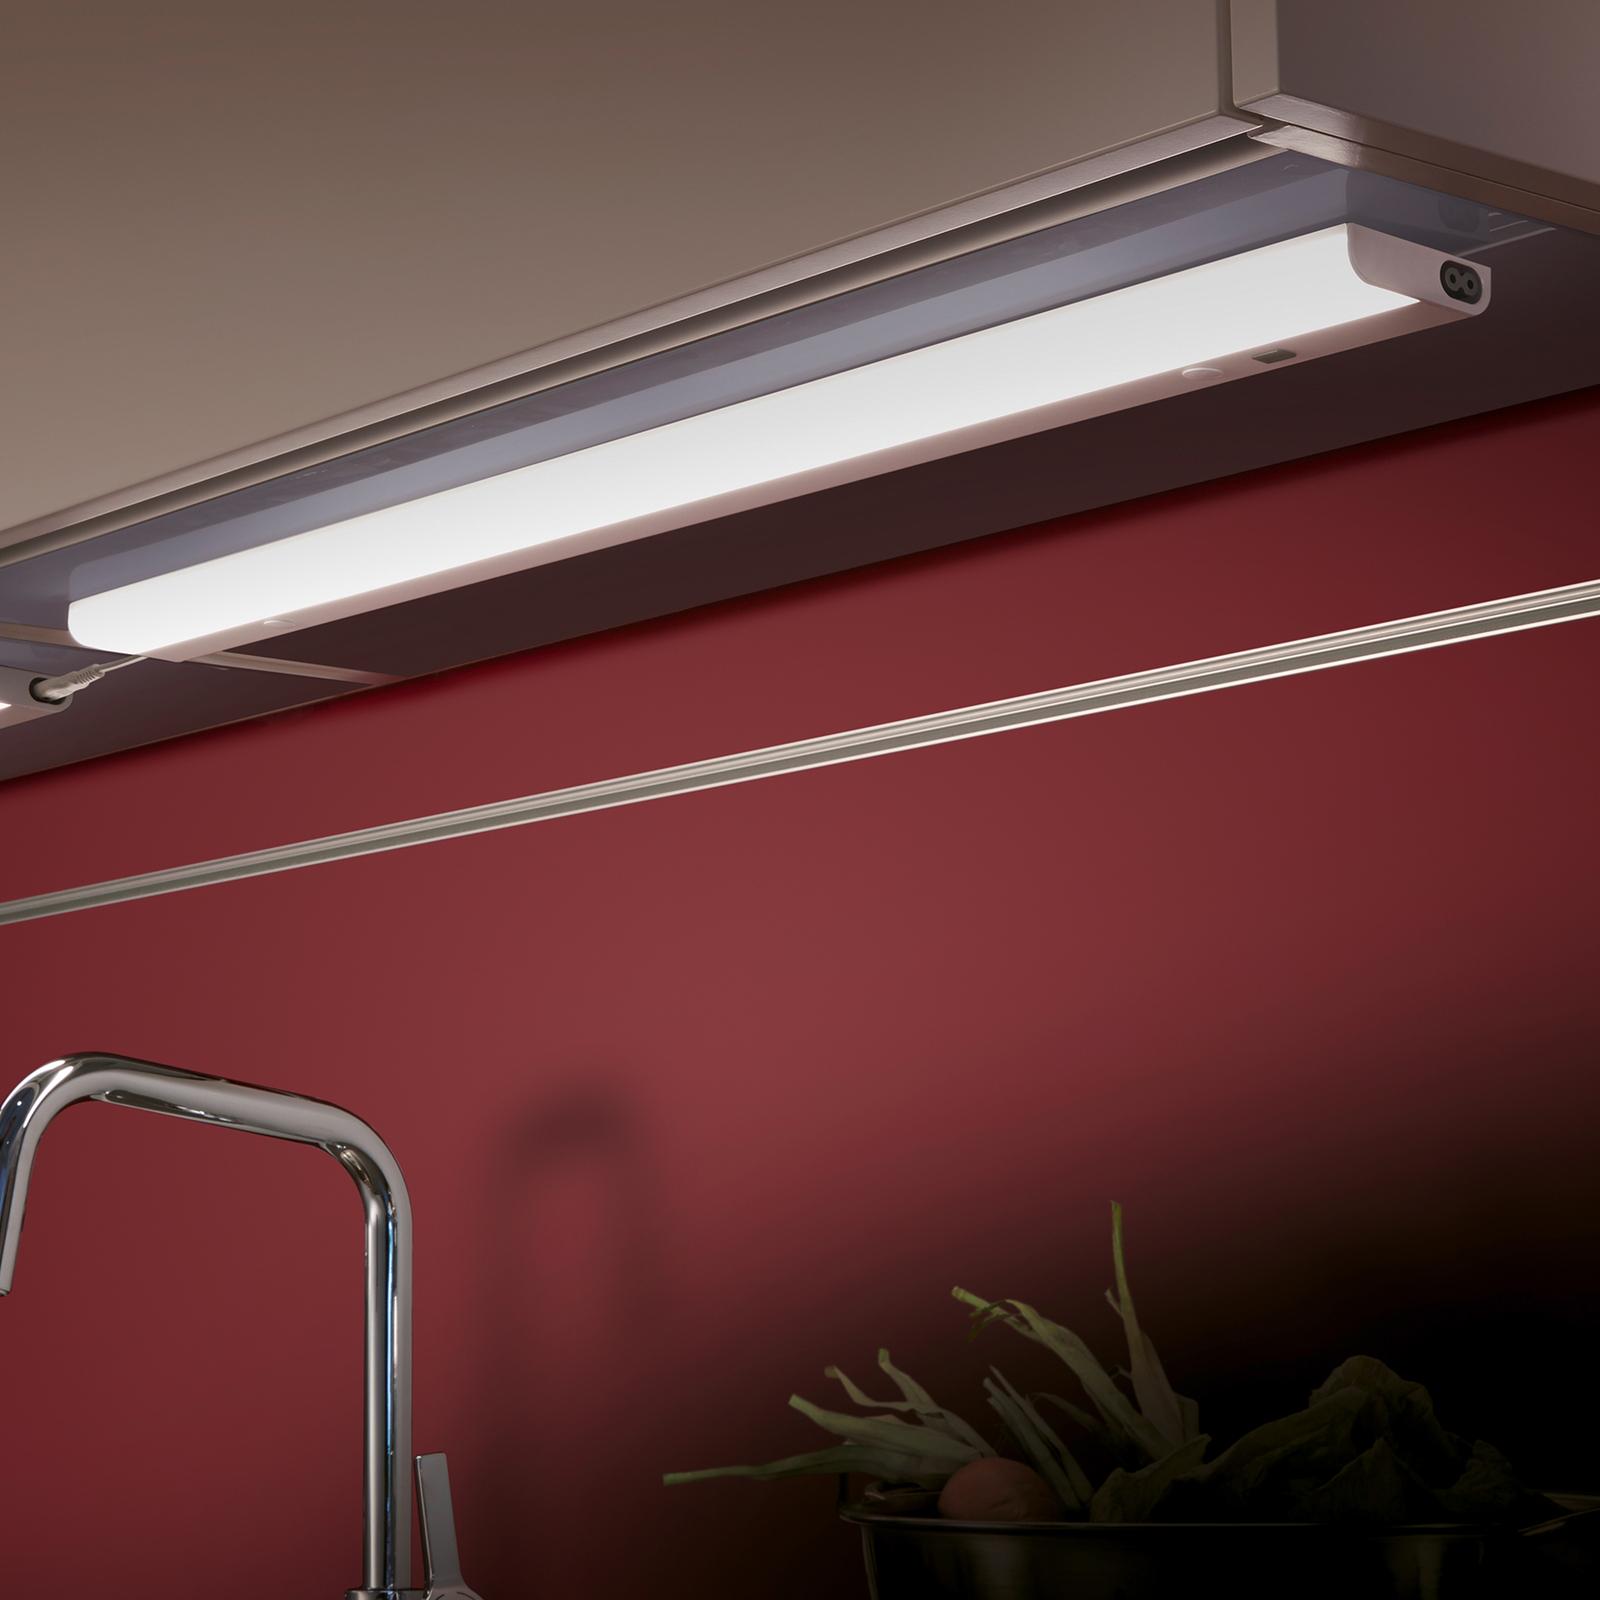 LED-kaapinalusvalaisin Simeo, 77 cm pitkä